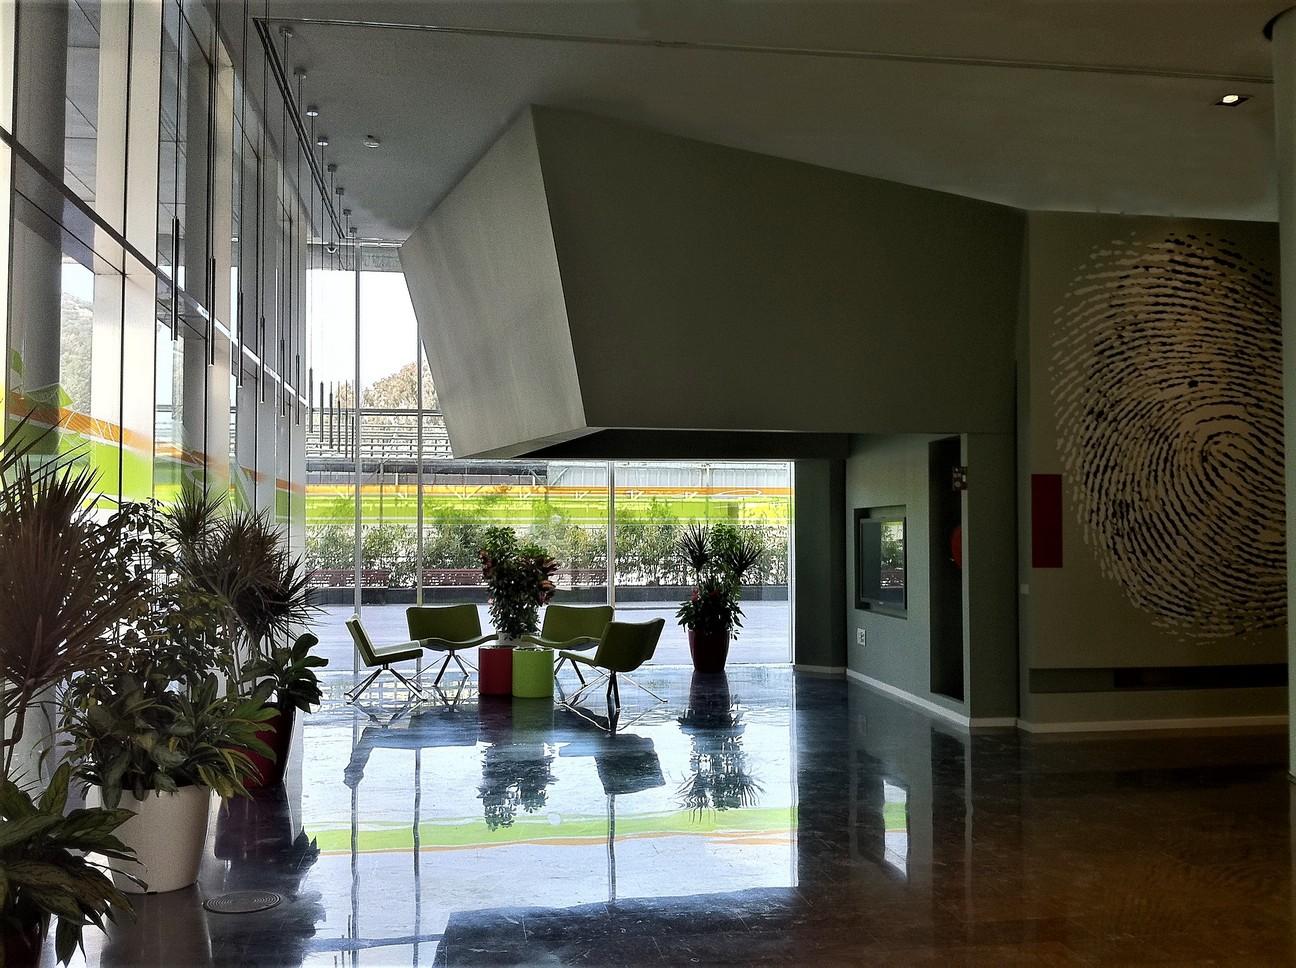 עיצוב לובי הכניסה במלאנוקס